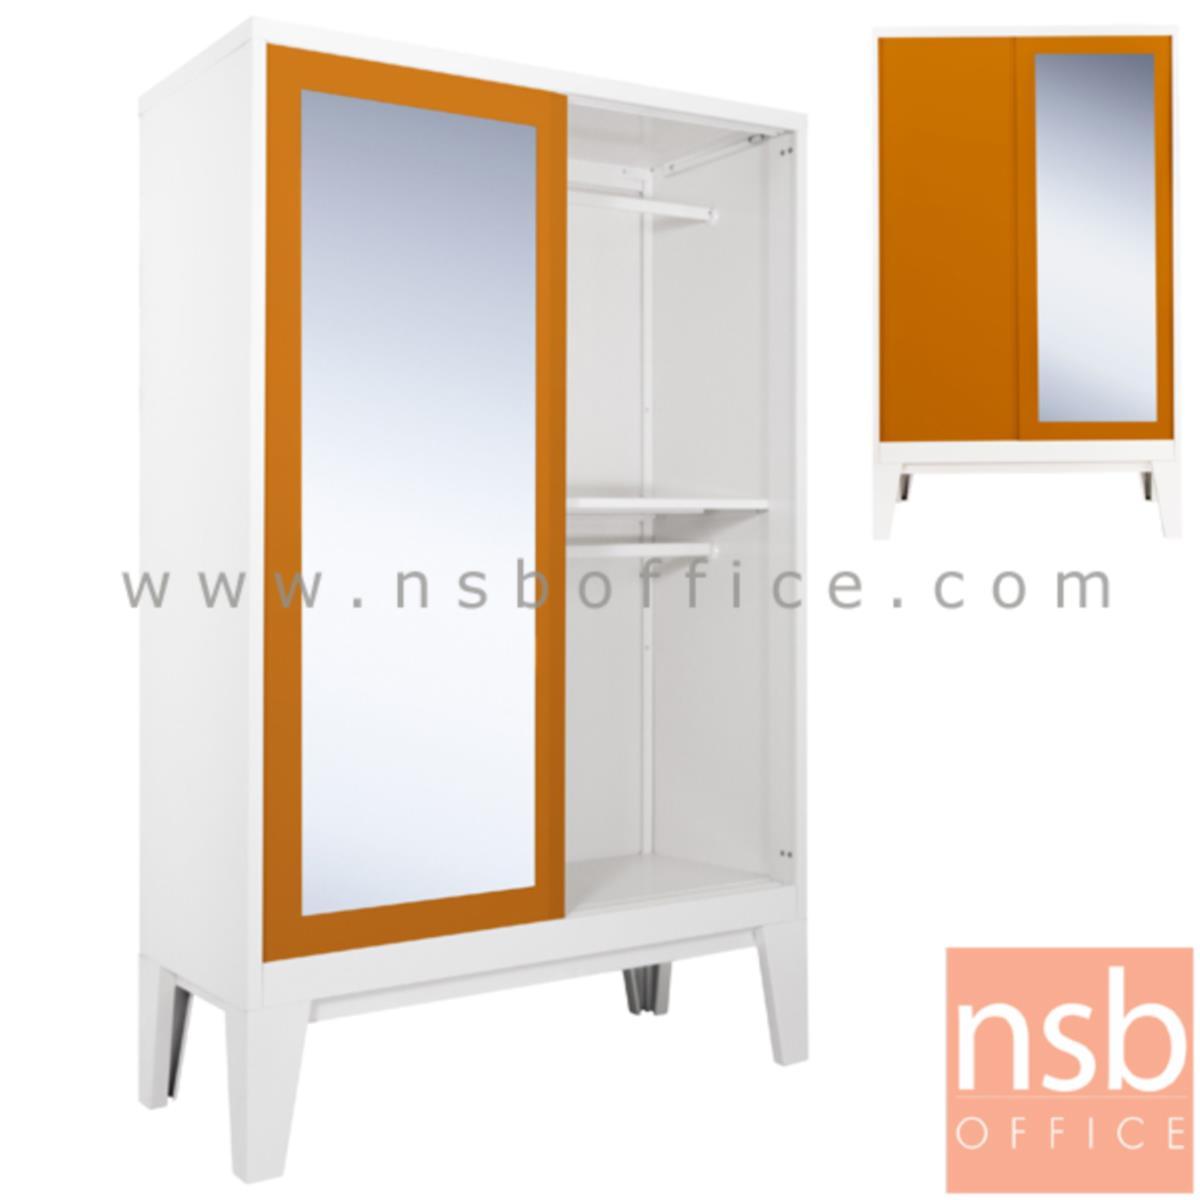 ตู้เสื้อผ้าบานเลื่อนกระจกเงา สูง 200H cm. รุ่น BW-04  แบบมีลิ้นชักและไม่มีลิ้นชัก พร้อมขารองตู้